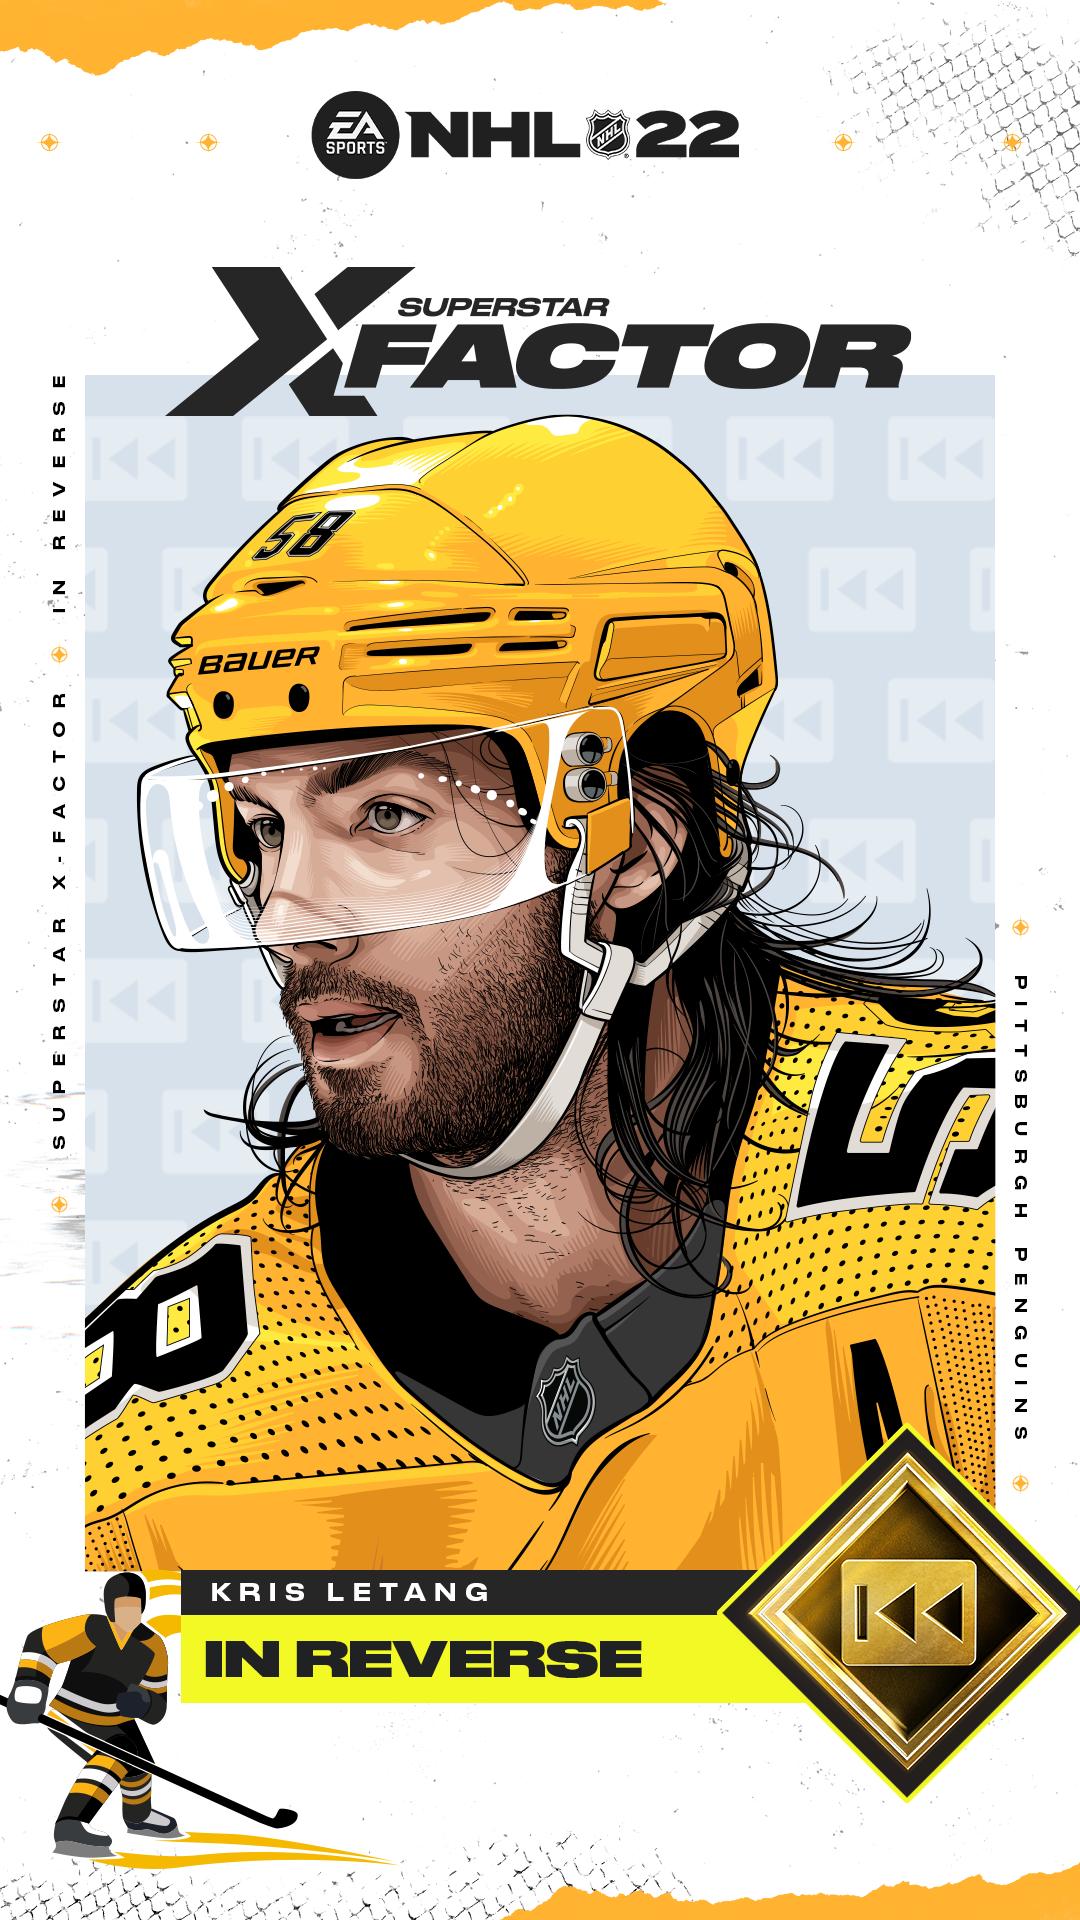 NHL22_XFactor_KrisLetang_9x16